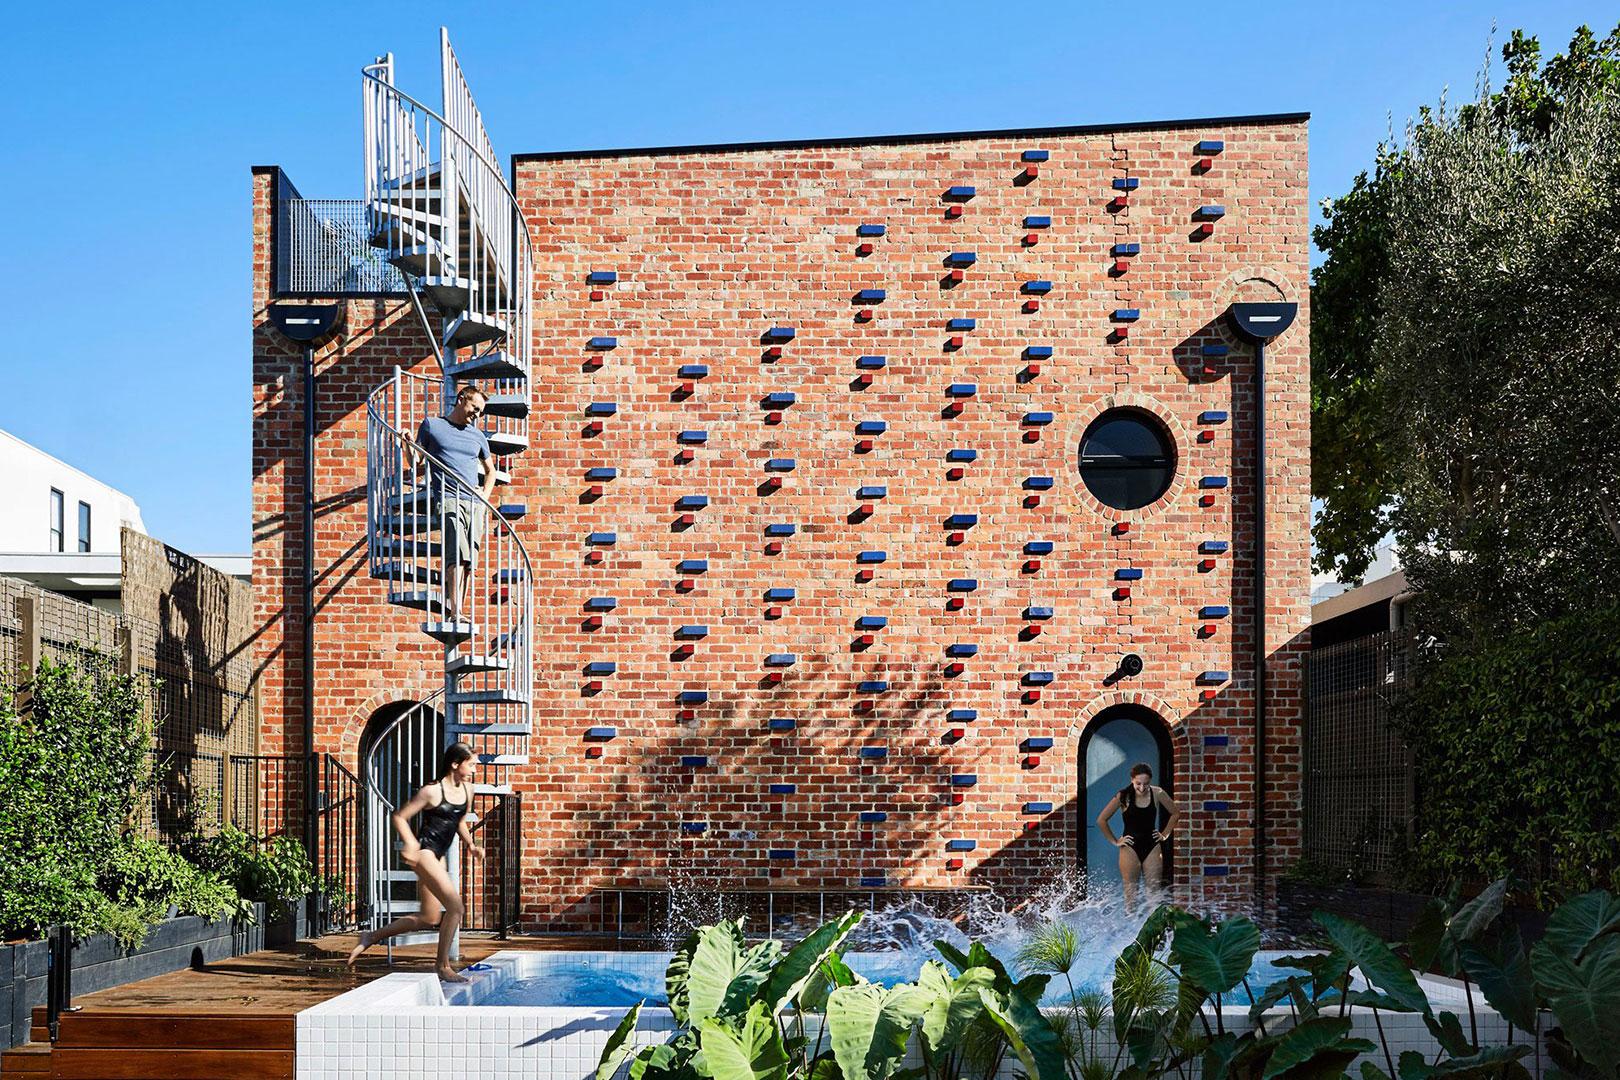 Brickface – das verspielte Backstein Bauwerk aus Melbourne